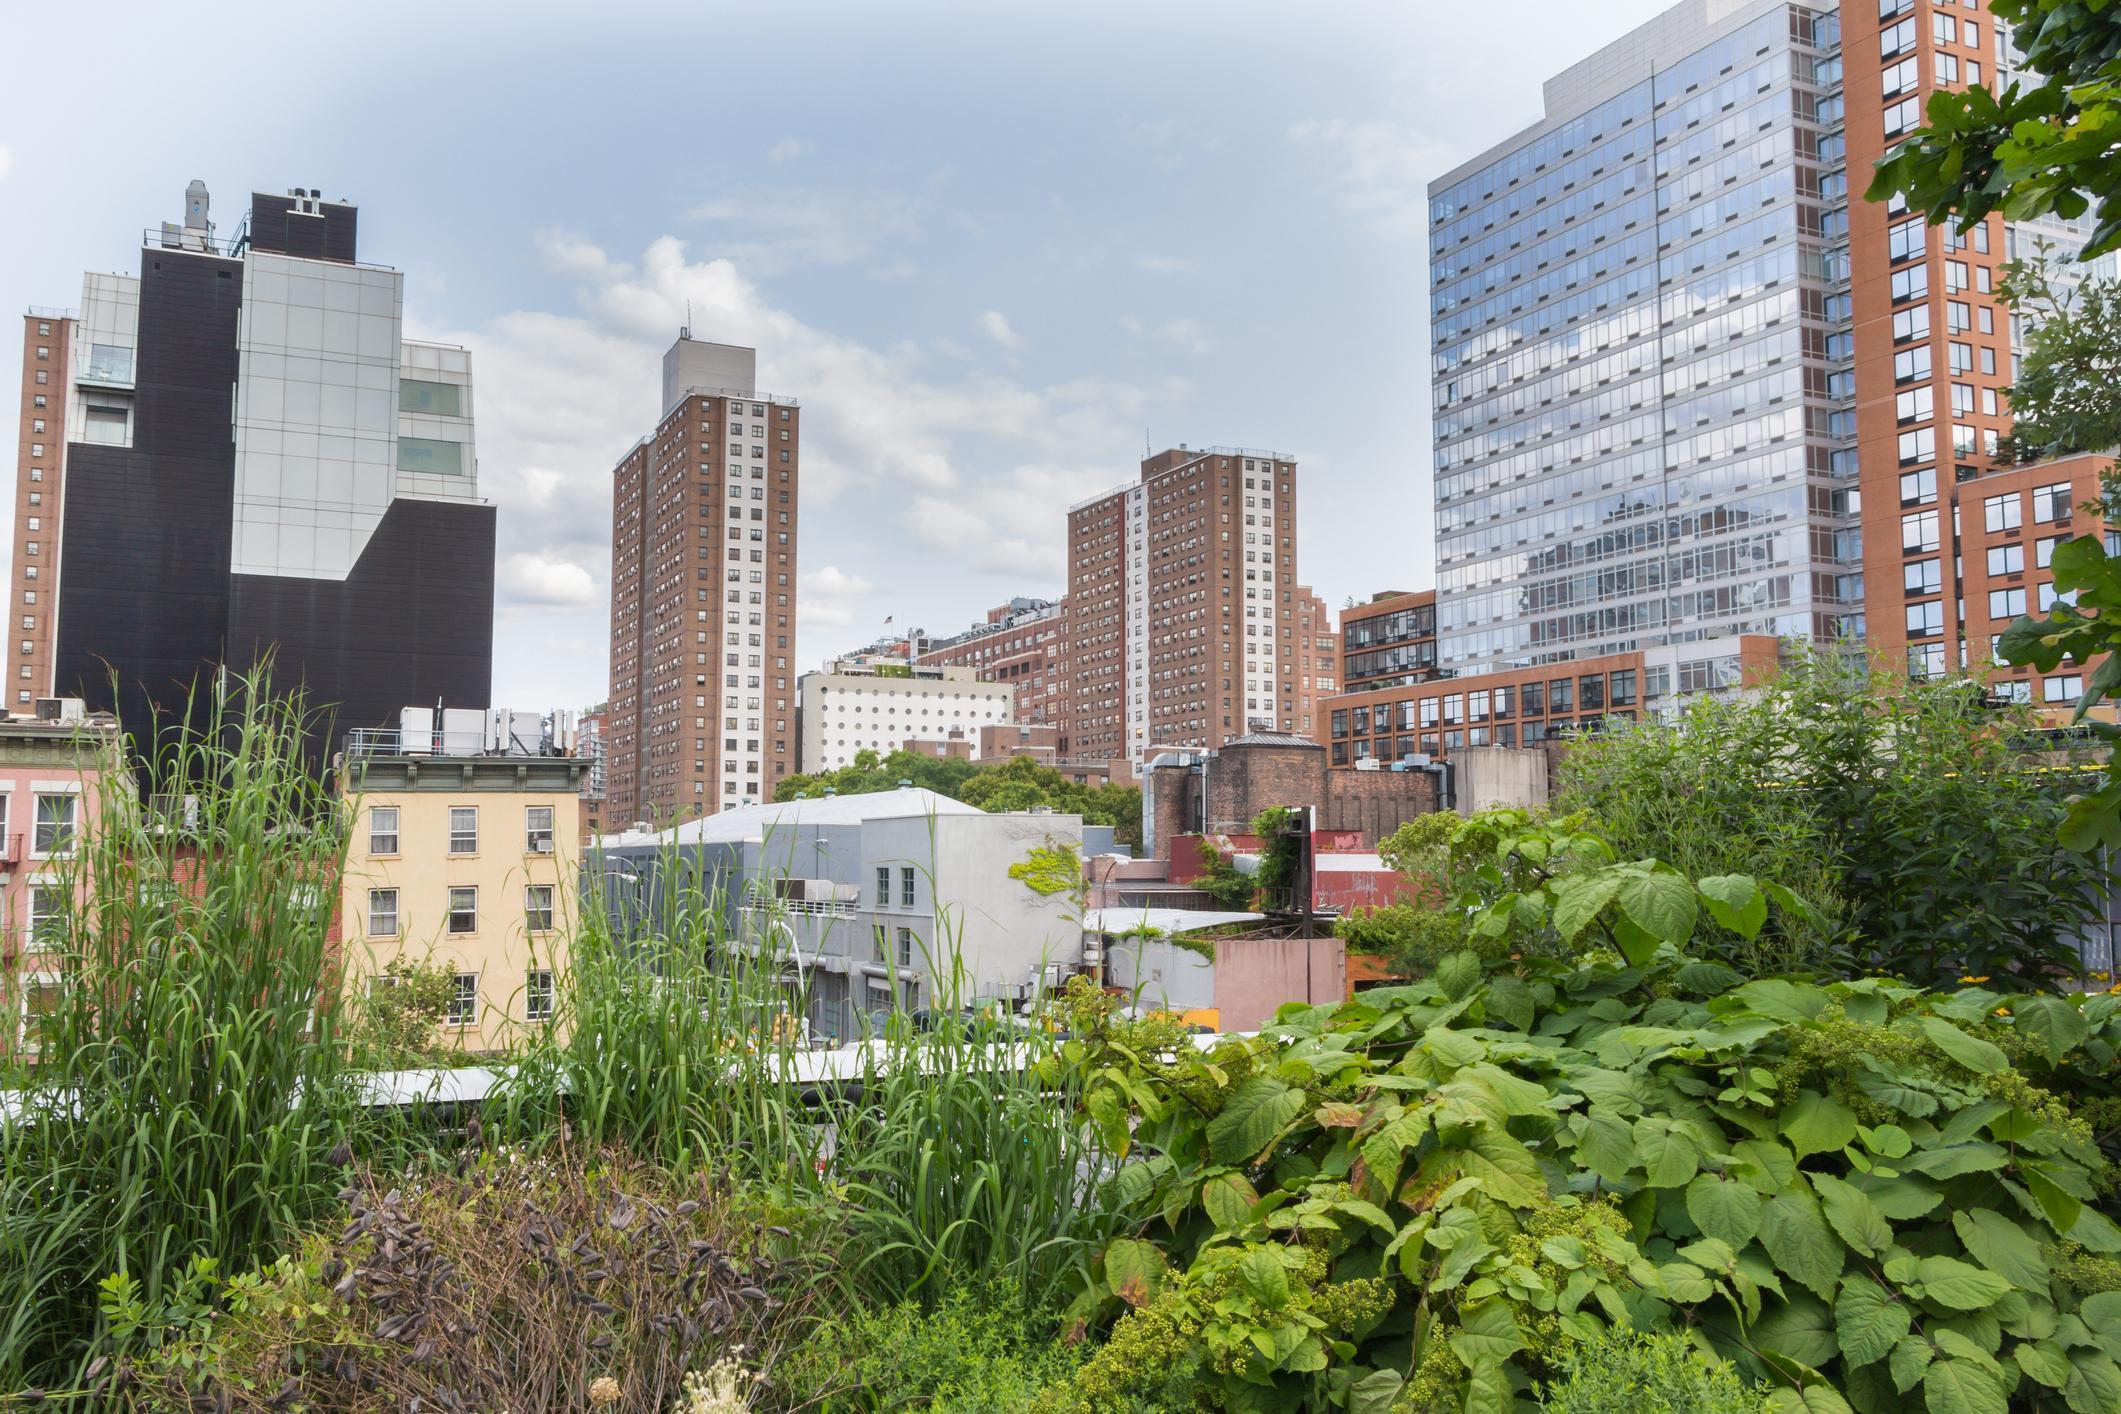 L'agriculture urbaine facilite l'accès aux aliments Thumbnail